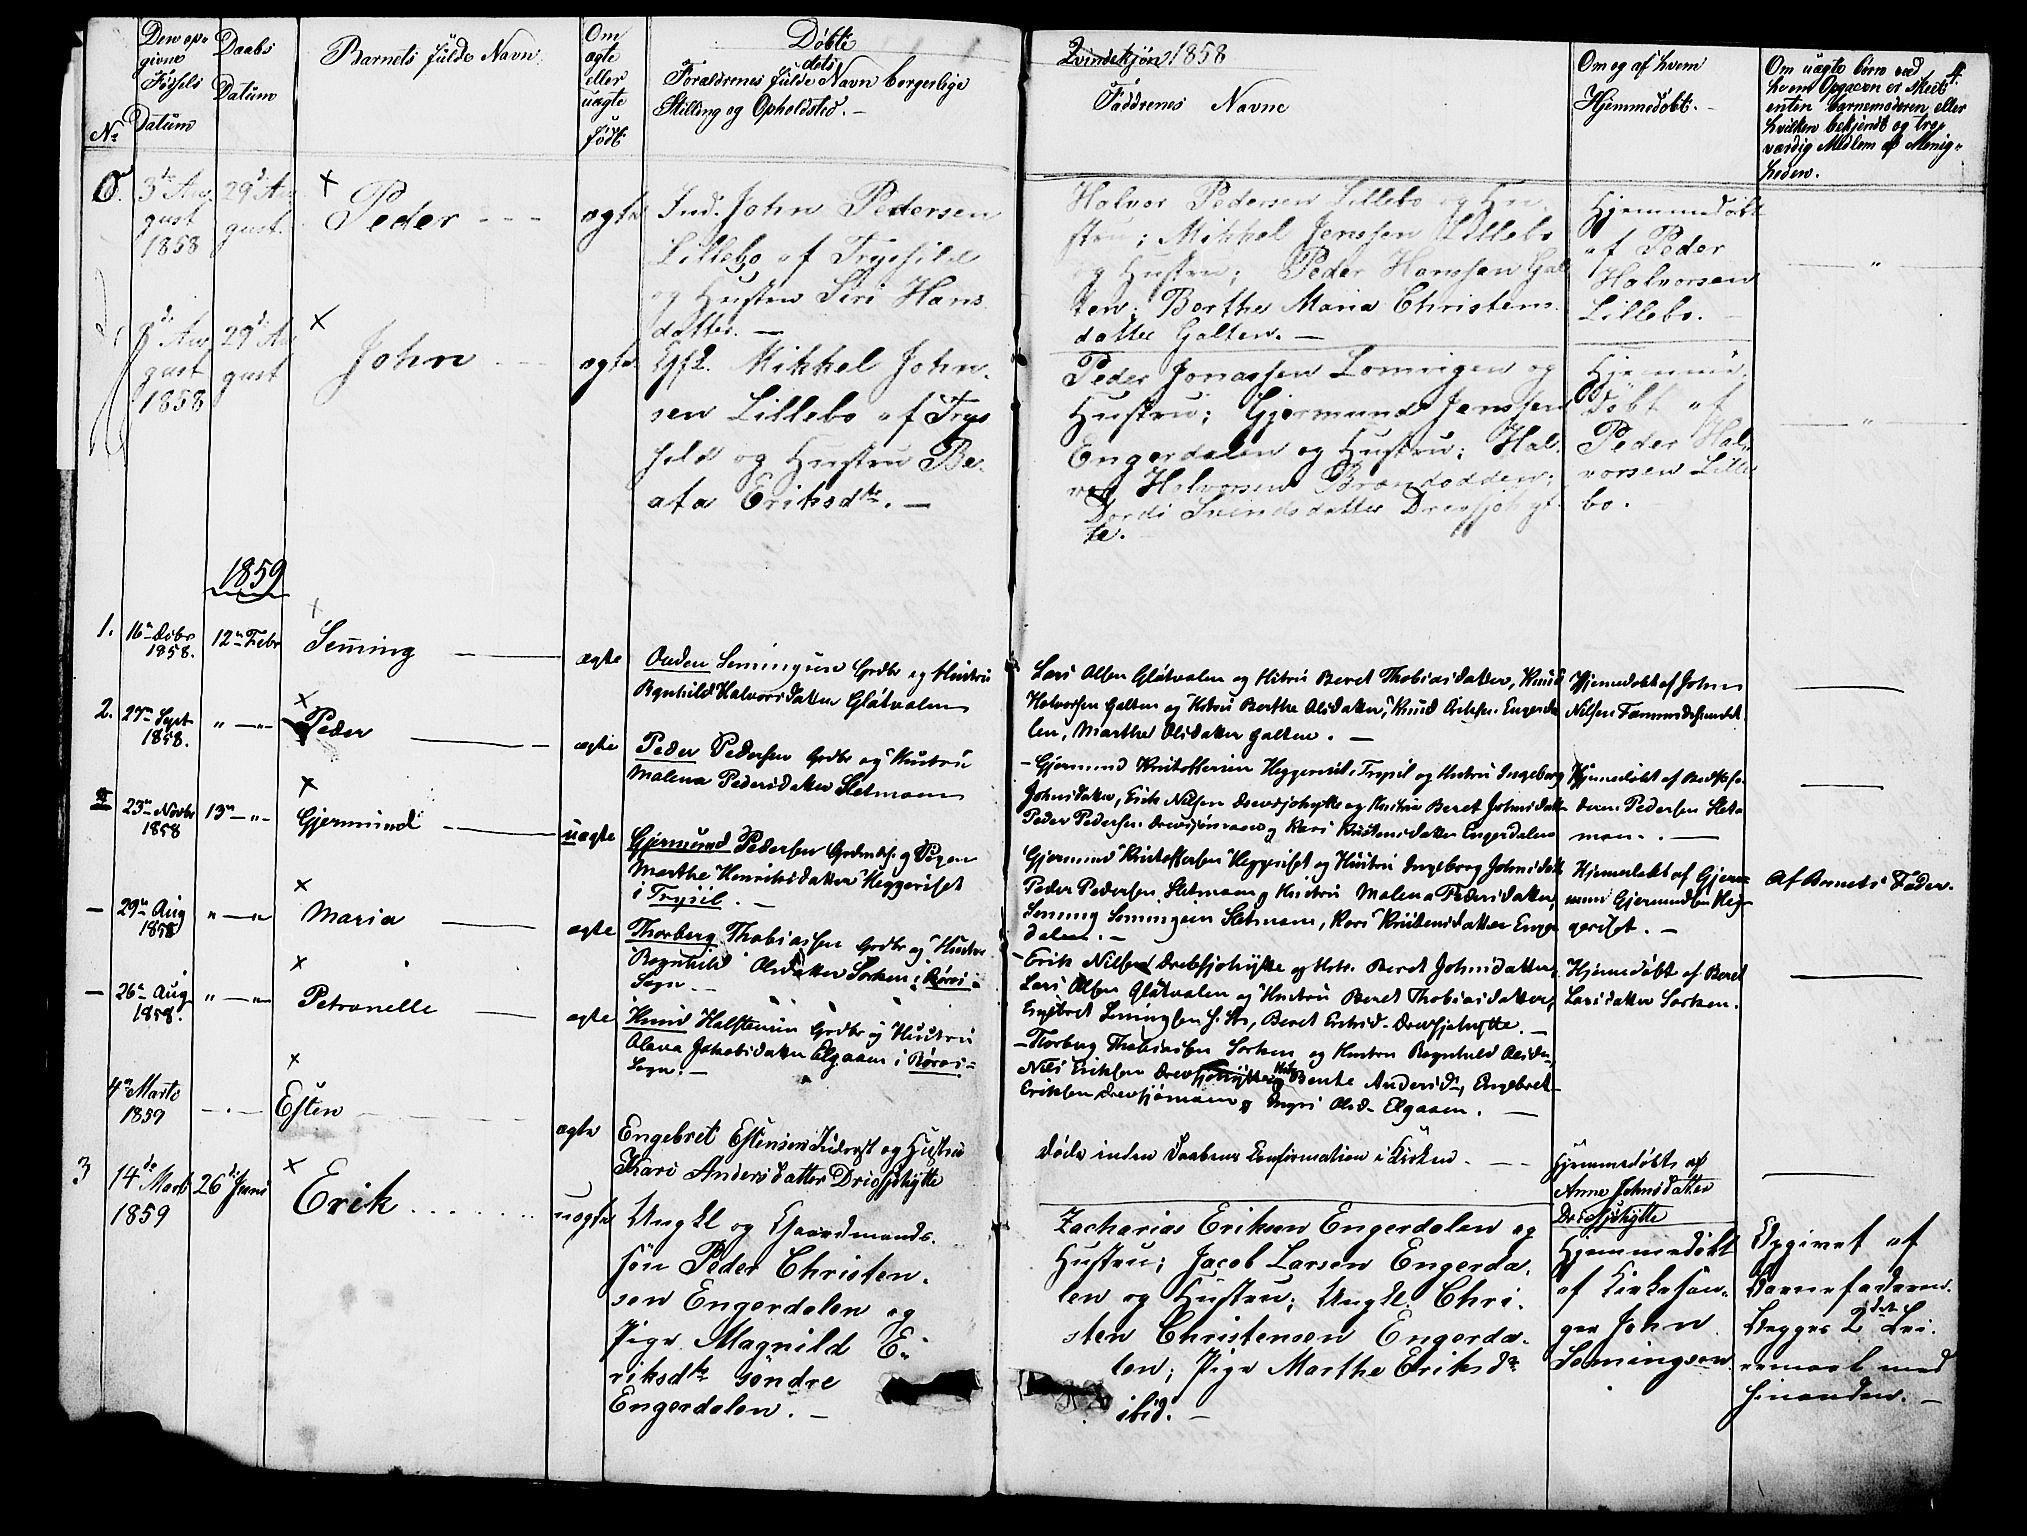 SAH, Rendalen prestekontor, H/Ha/Hab/L0002: Klokkerbok nr. 2, 1858-1880, s. 4